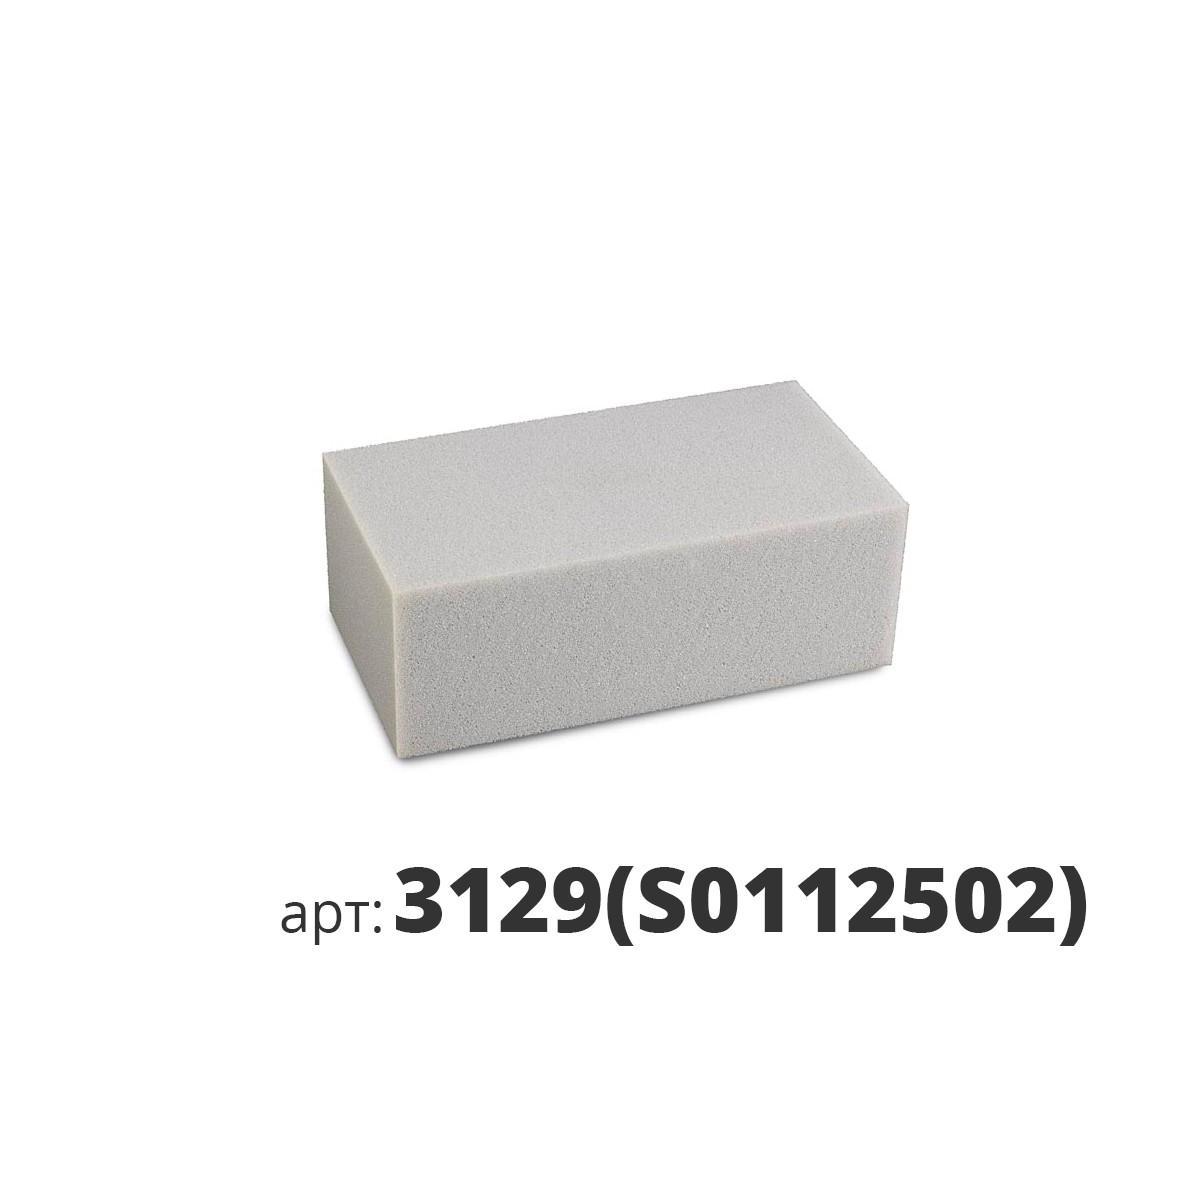 PAVAN губка декоративная прямоугольная 3129(S0112502)